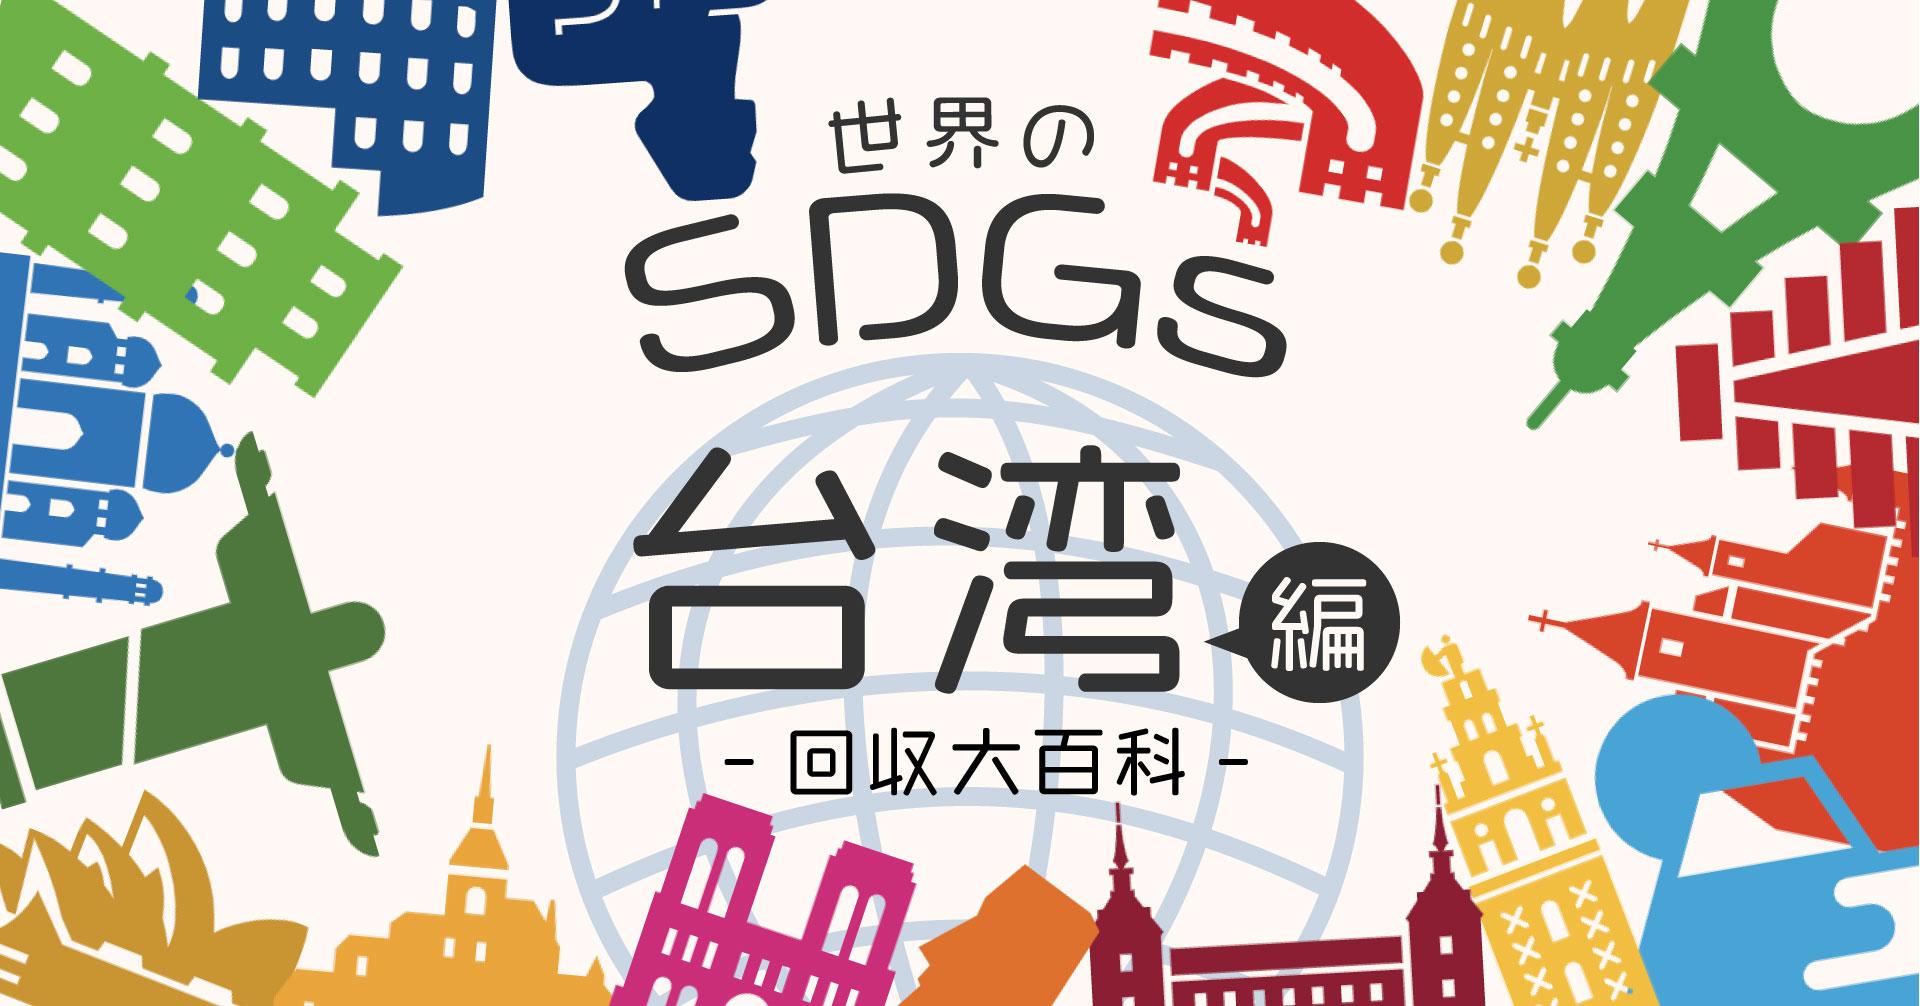 海外のSDGsの取り組みー台湾編①「回収大百科」